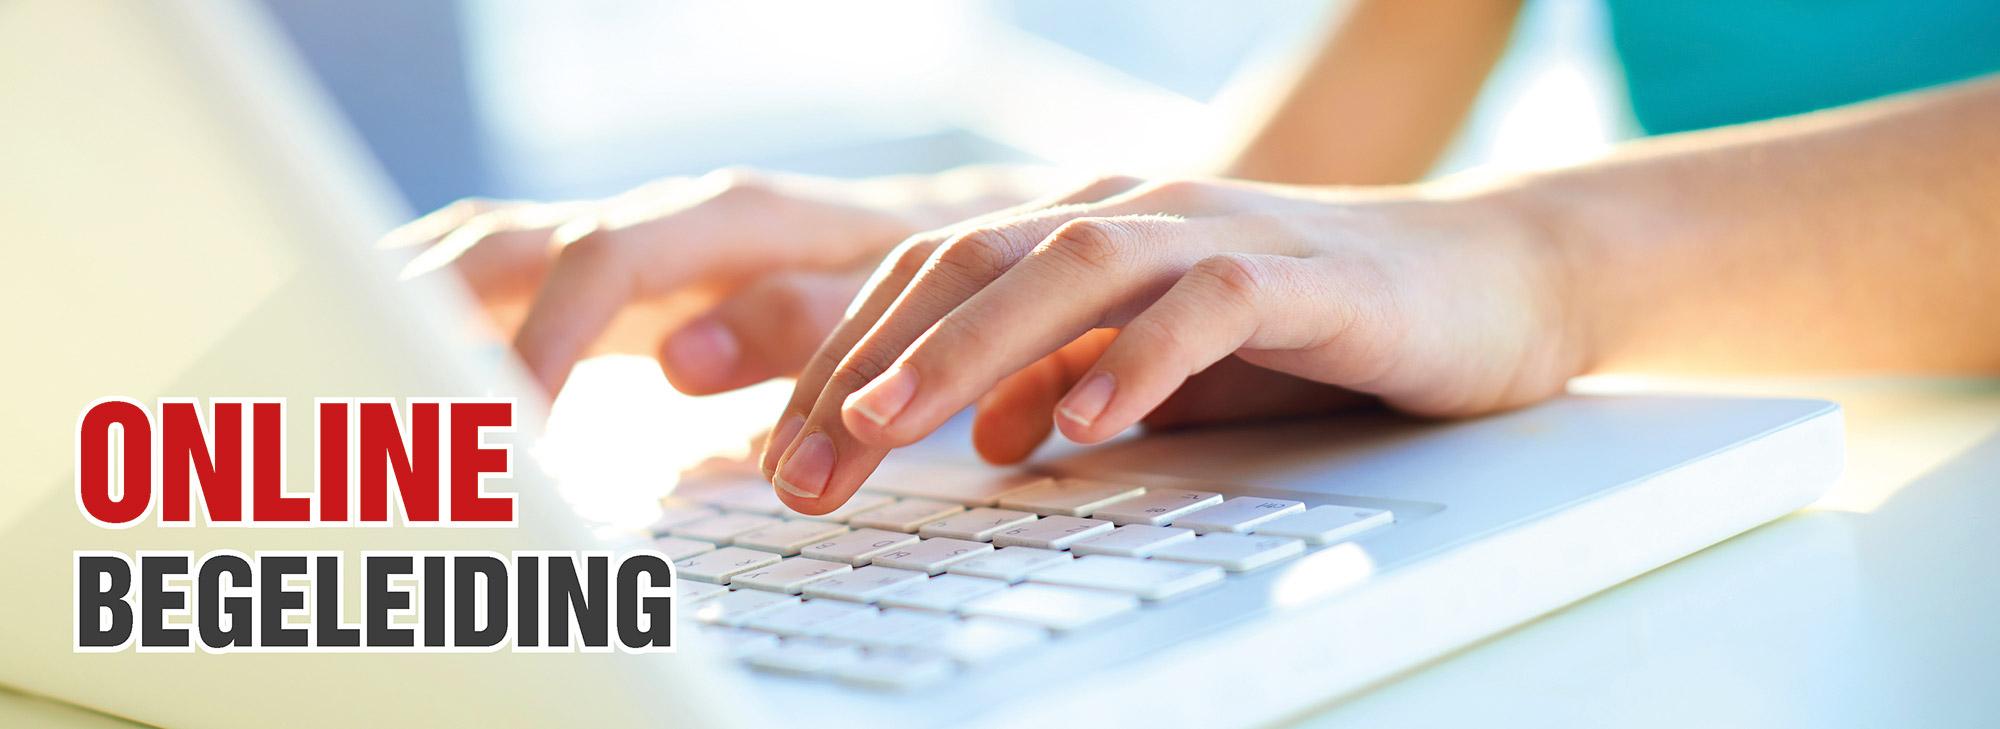 onlinebegleiding